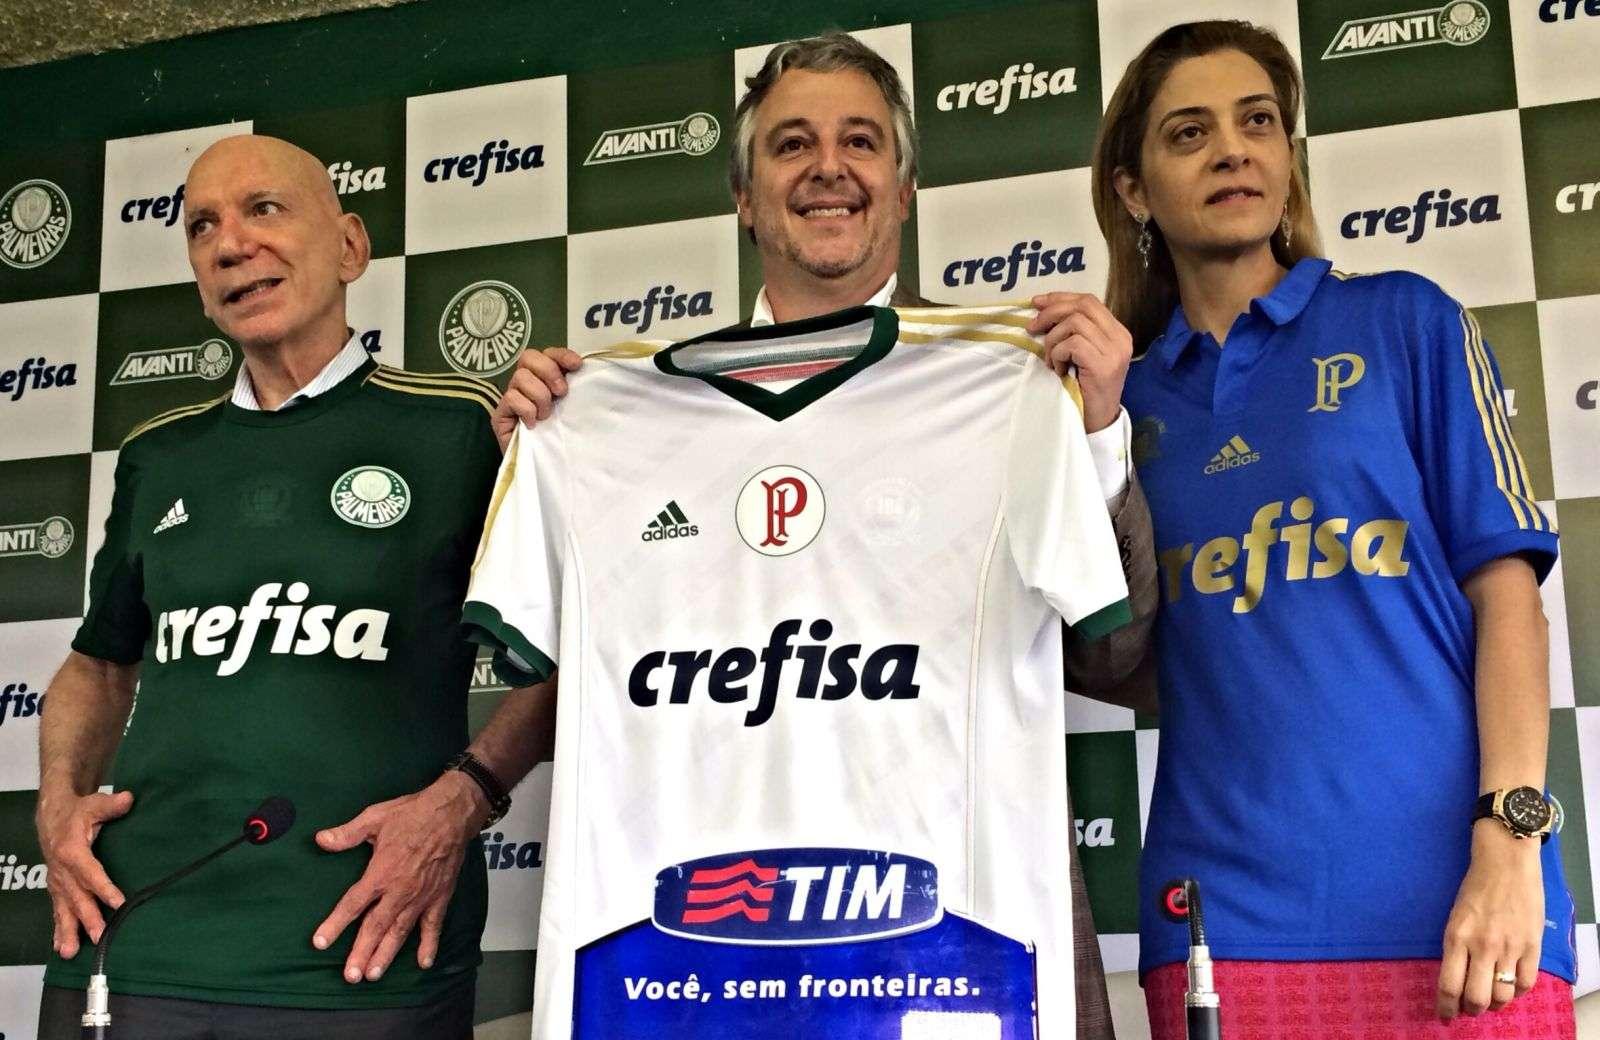 Foto: Palmeiras/Divulgação